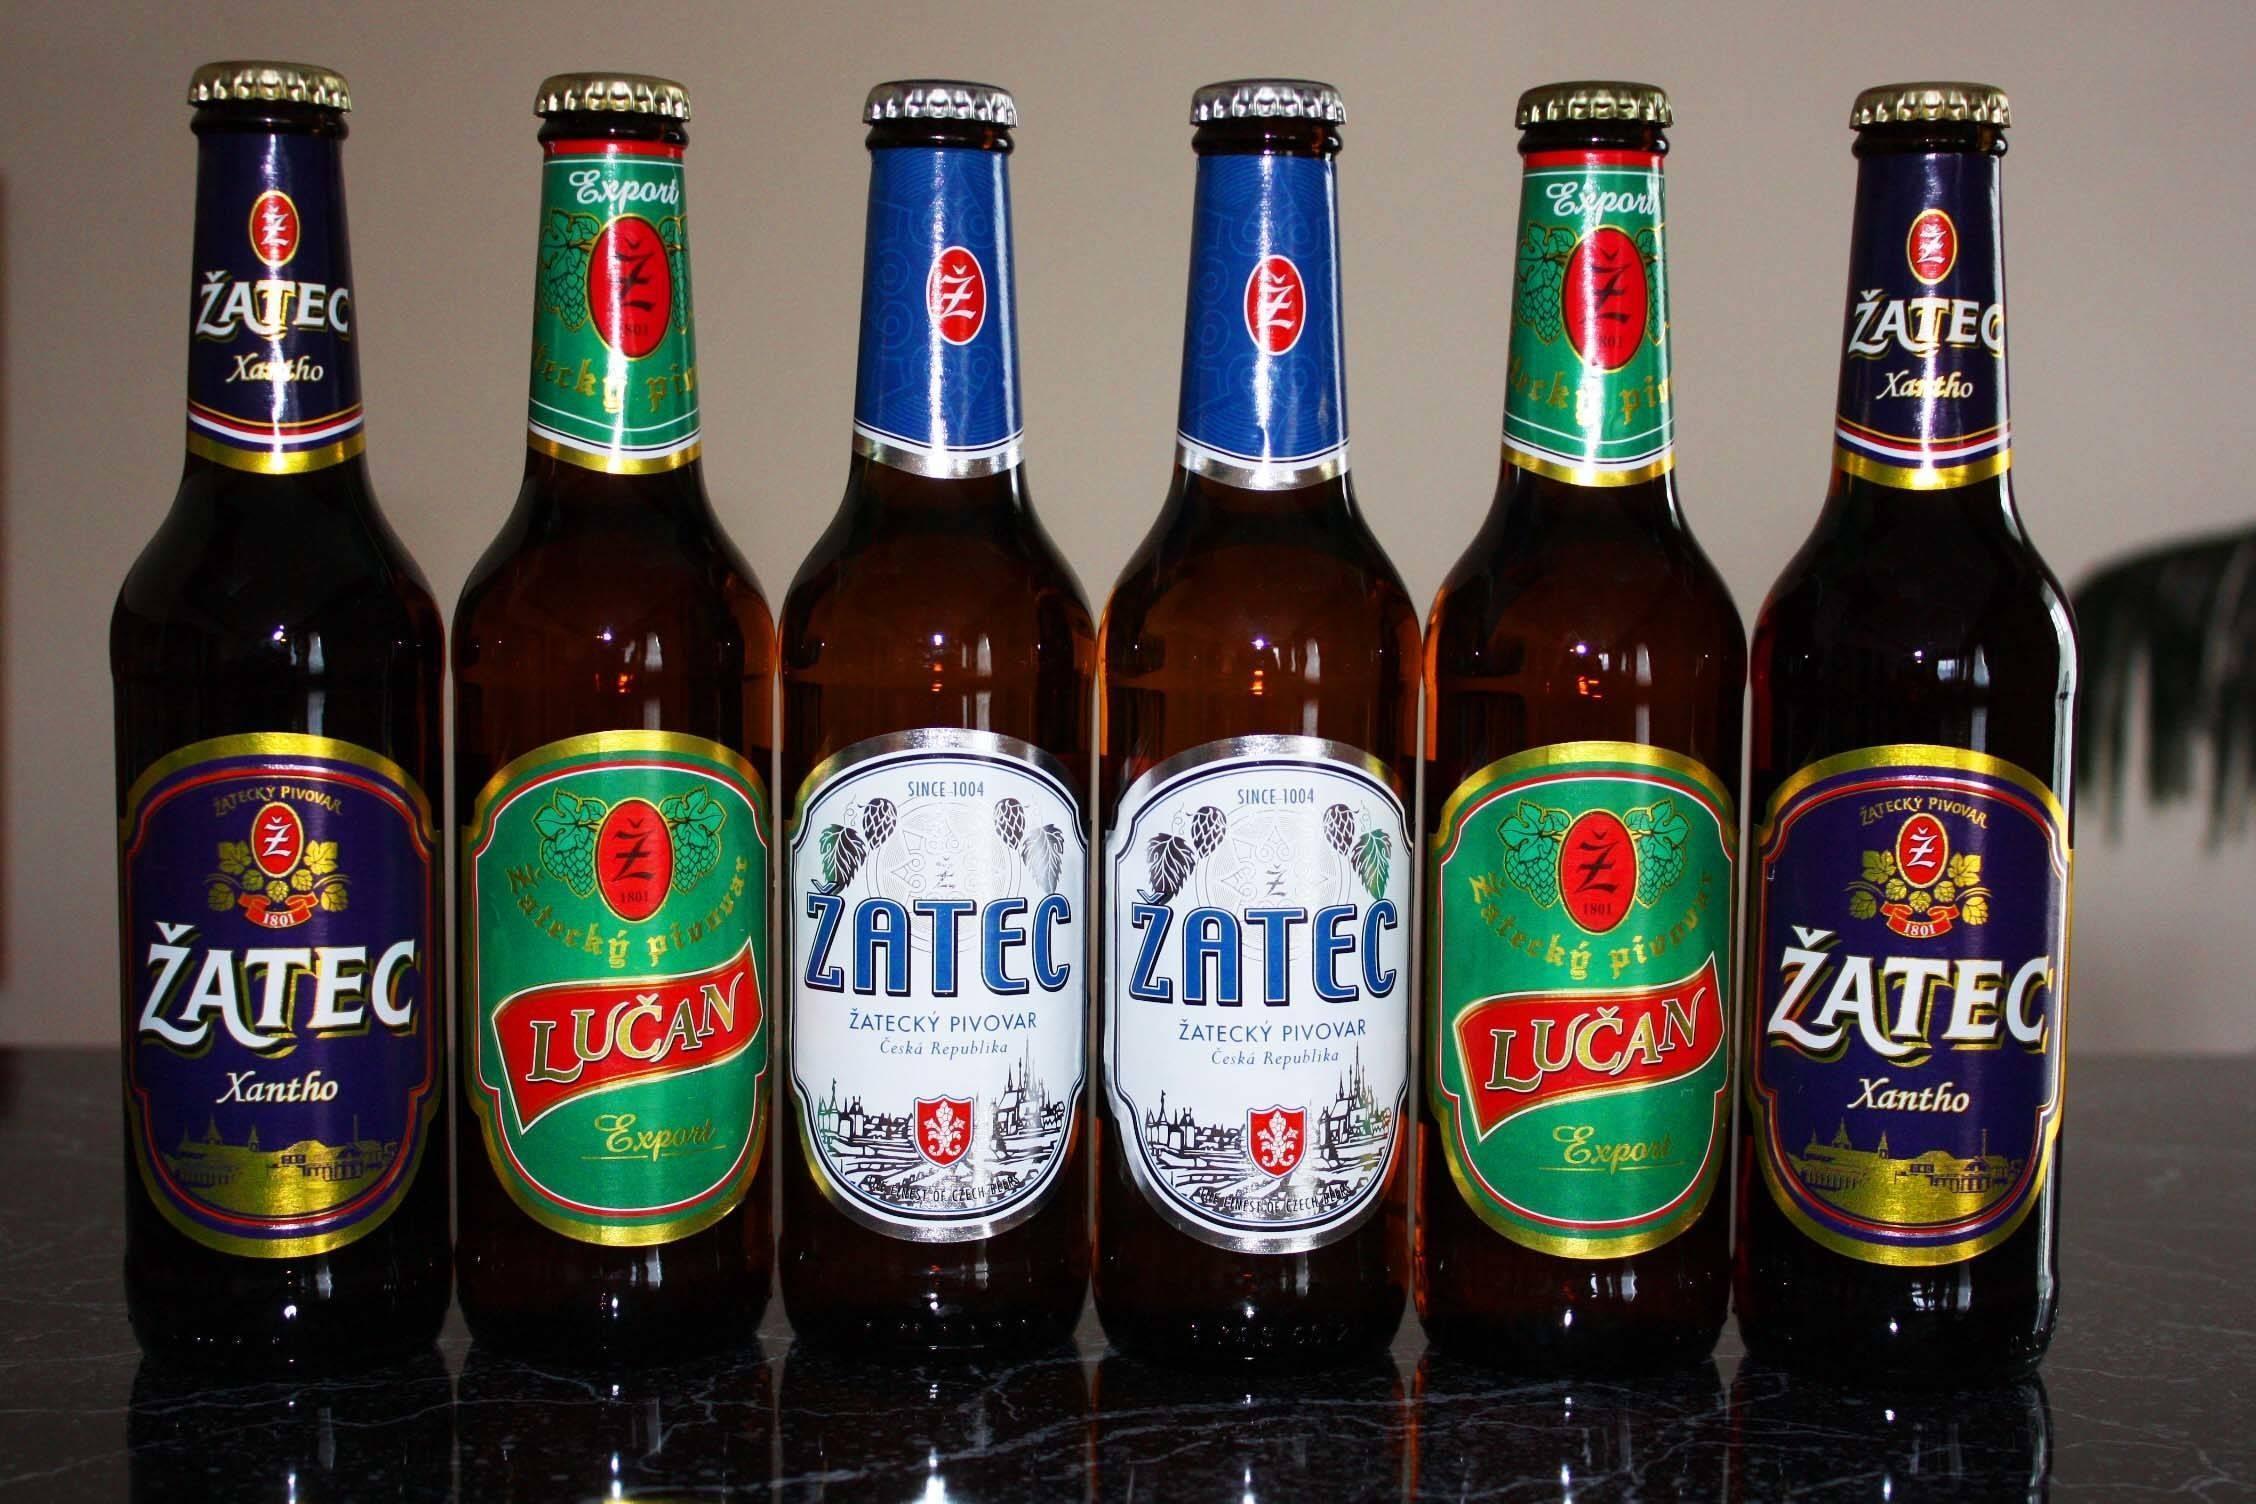 Марки пива: правила выбора, рейтинг лучших напитков, как правильно употреблять